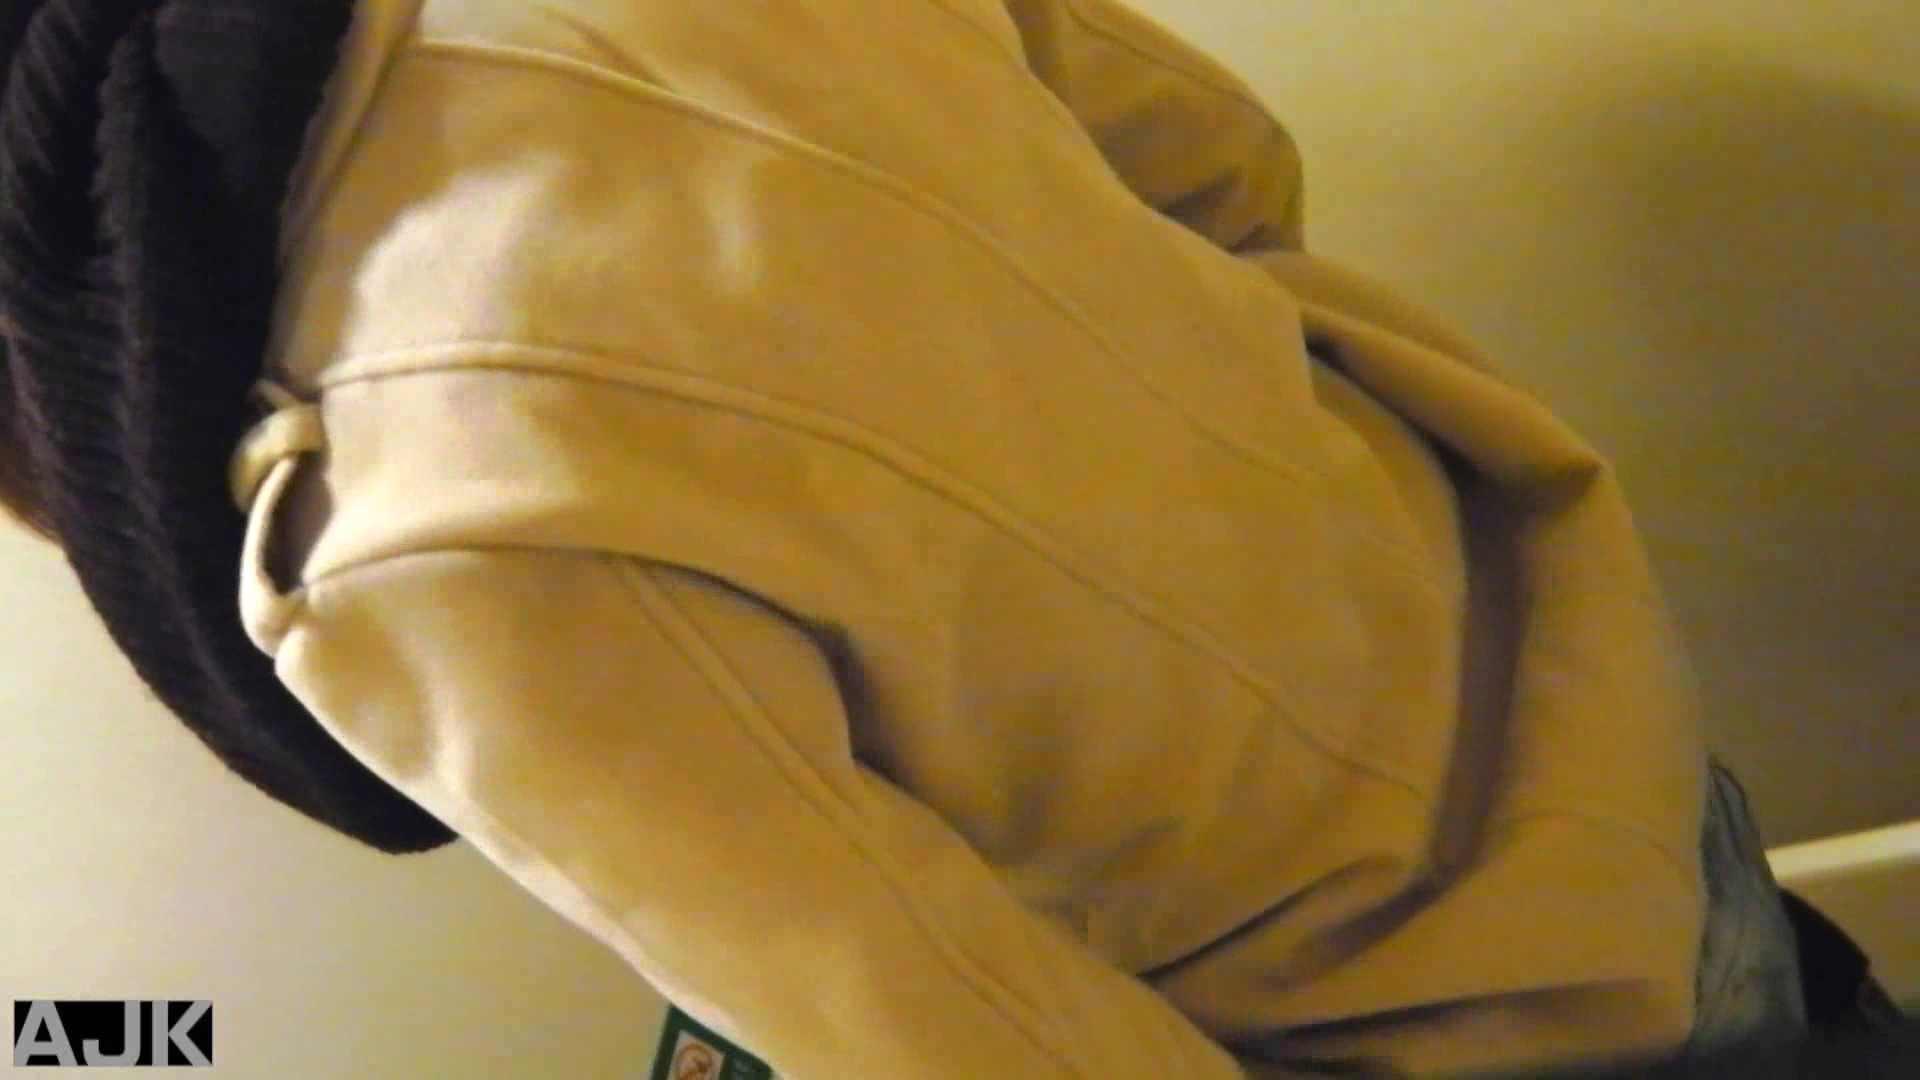 隣国上階級エリアの令嬢たちが集うデパートお手洗い Vol.03 おまんこ  104PIX 29